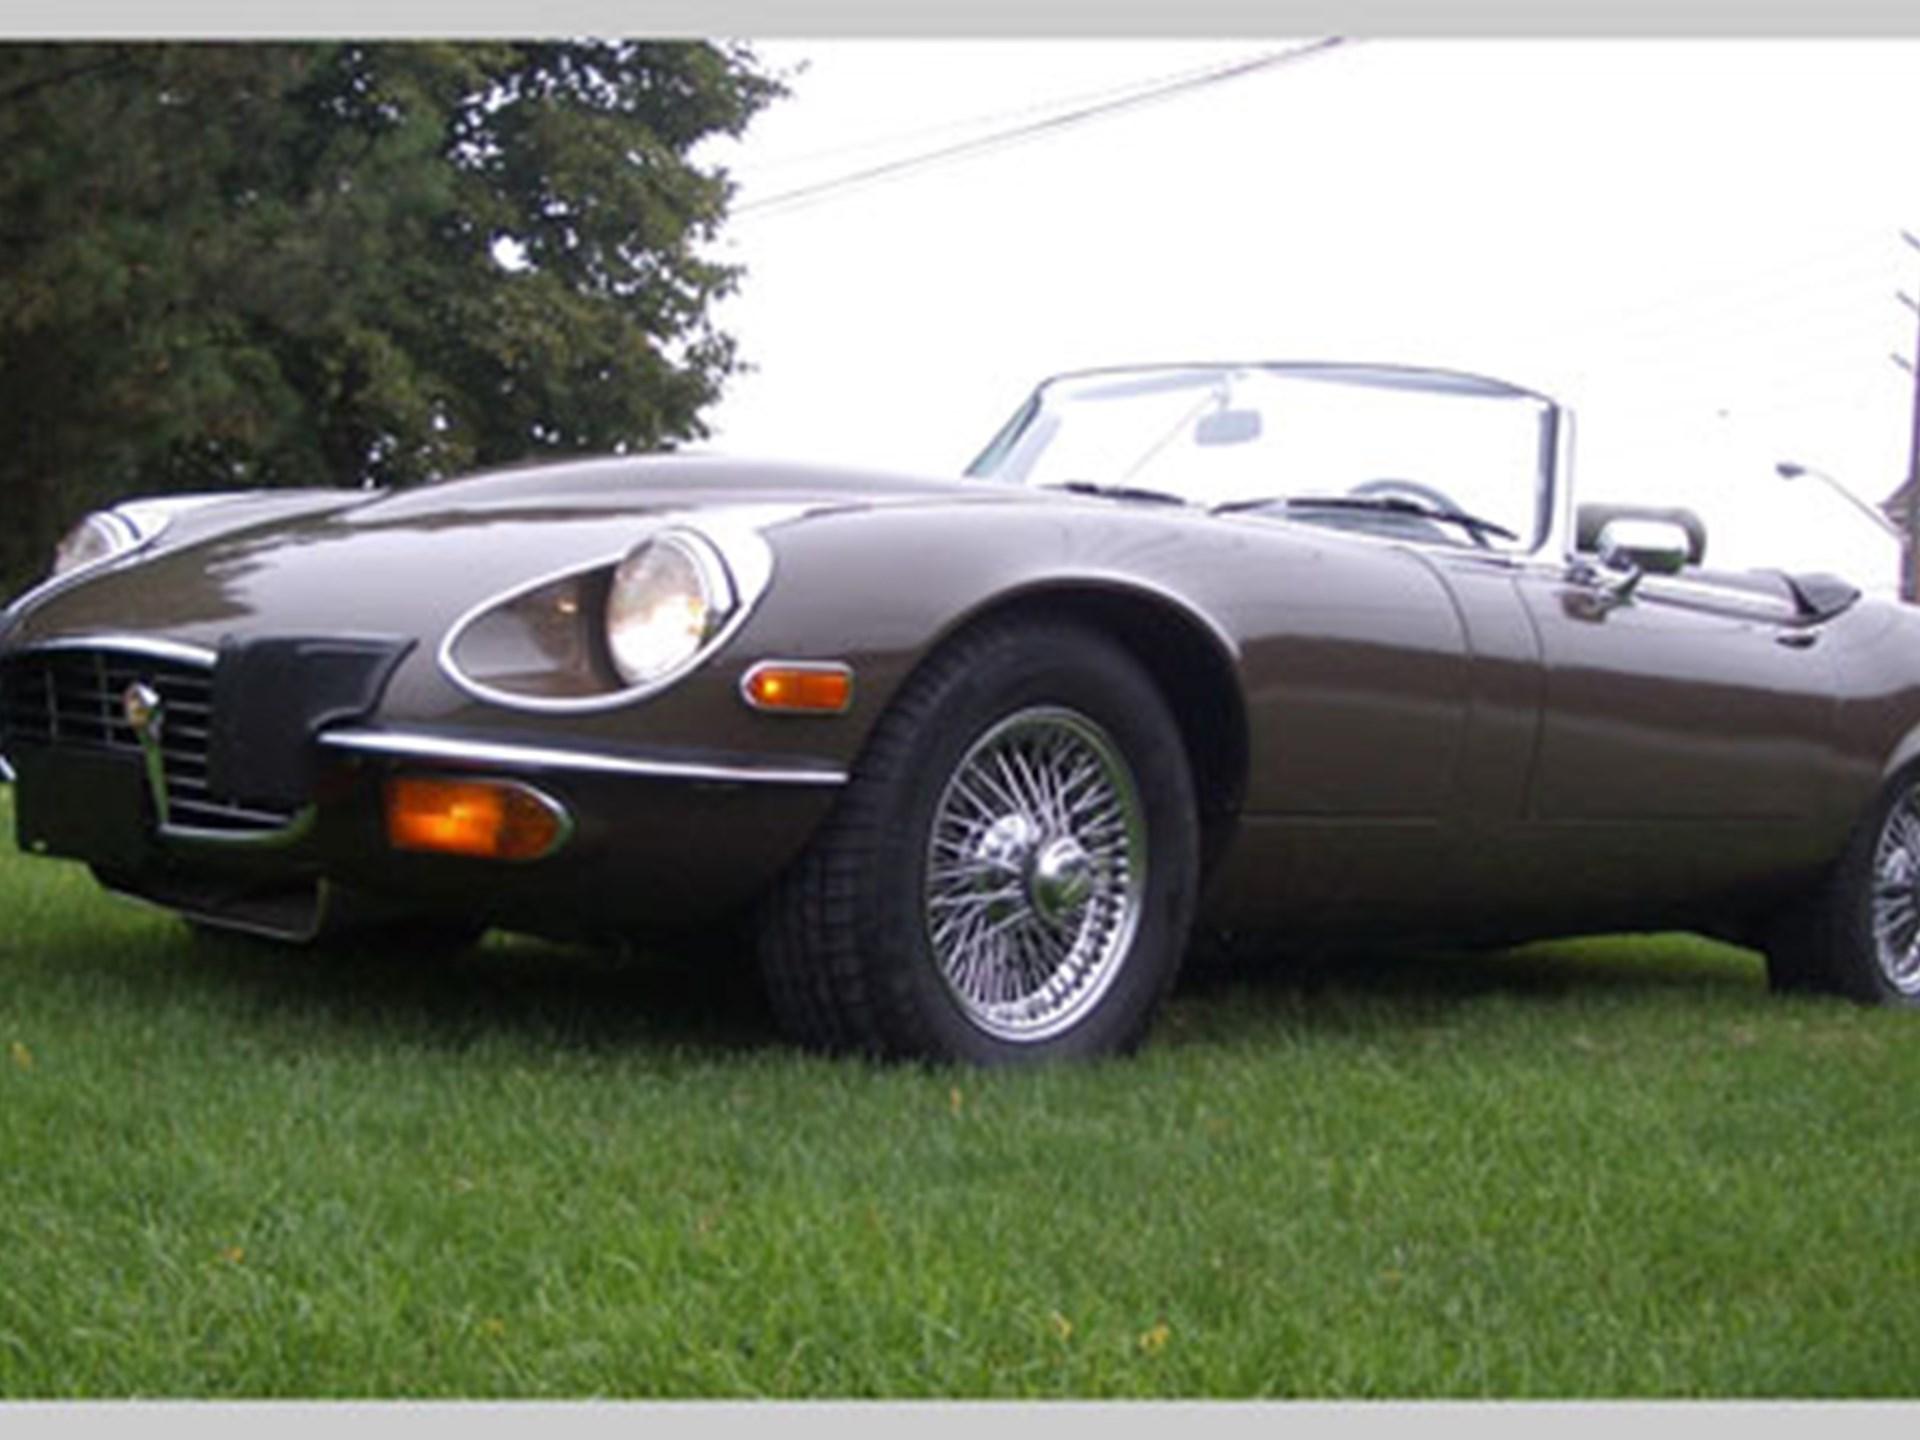 1974 Jaguar XKE V12 Series 3 Convertible